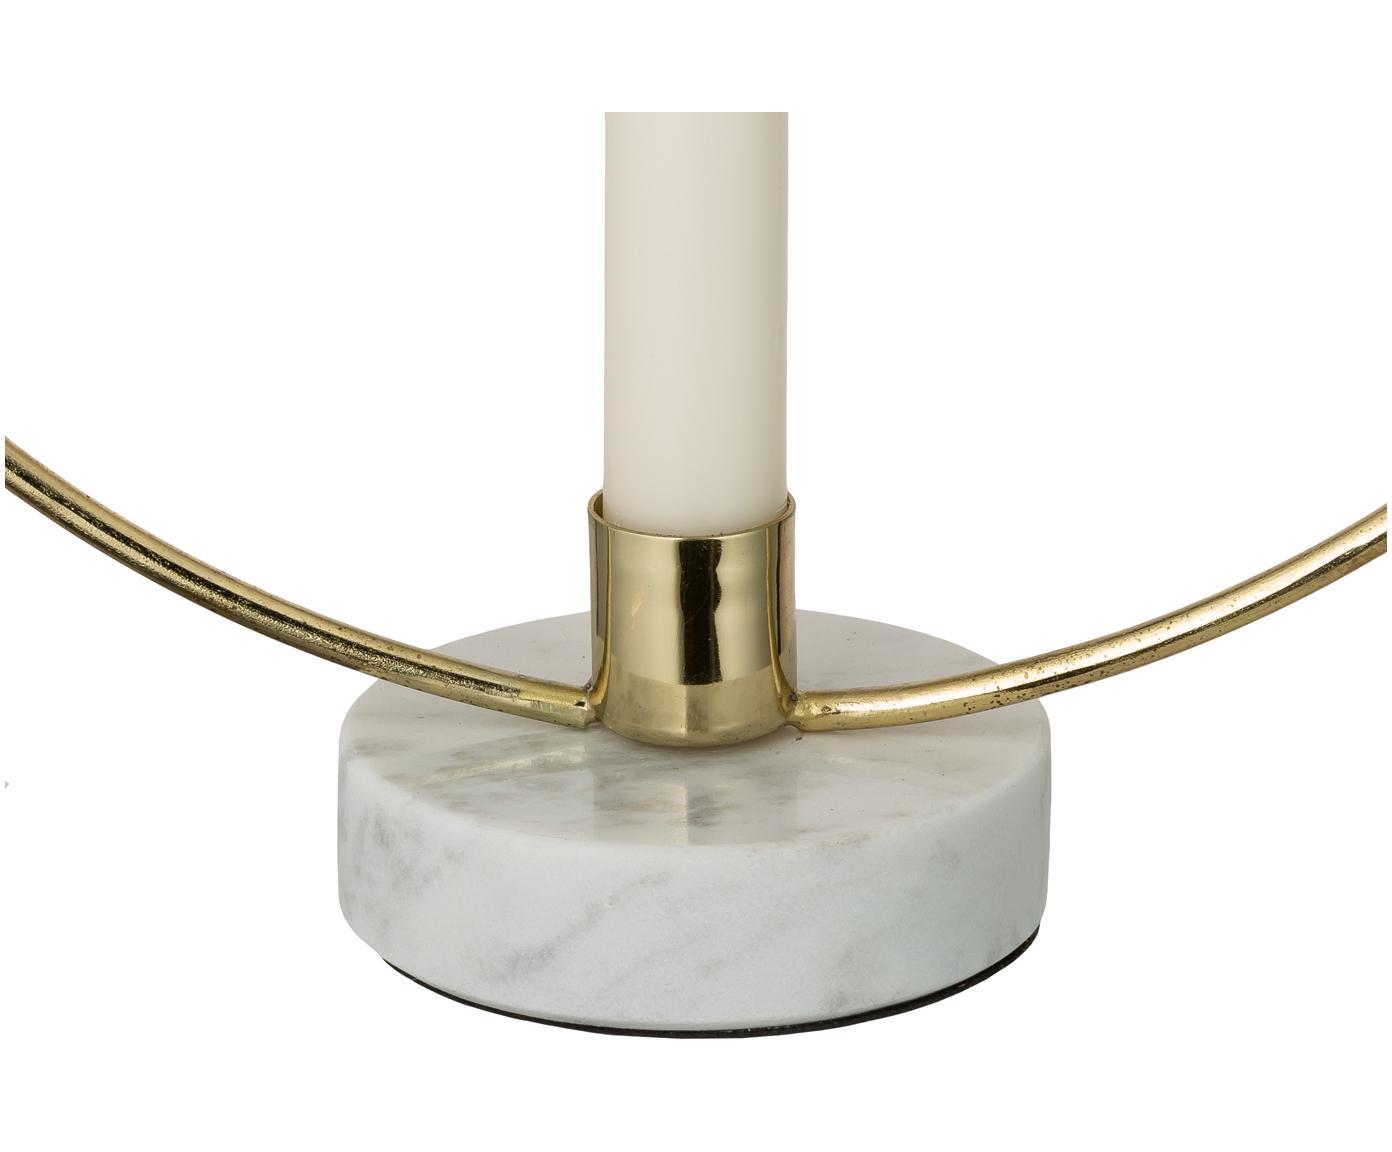 Kandelaar Ring, Voet: marmer, Goudkleurig, wit, 28 x 30 cm